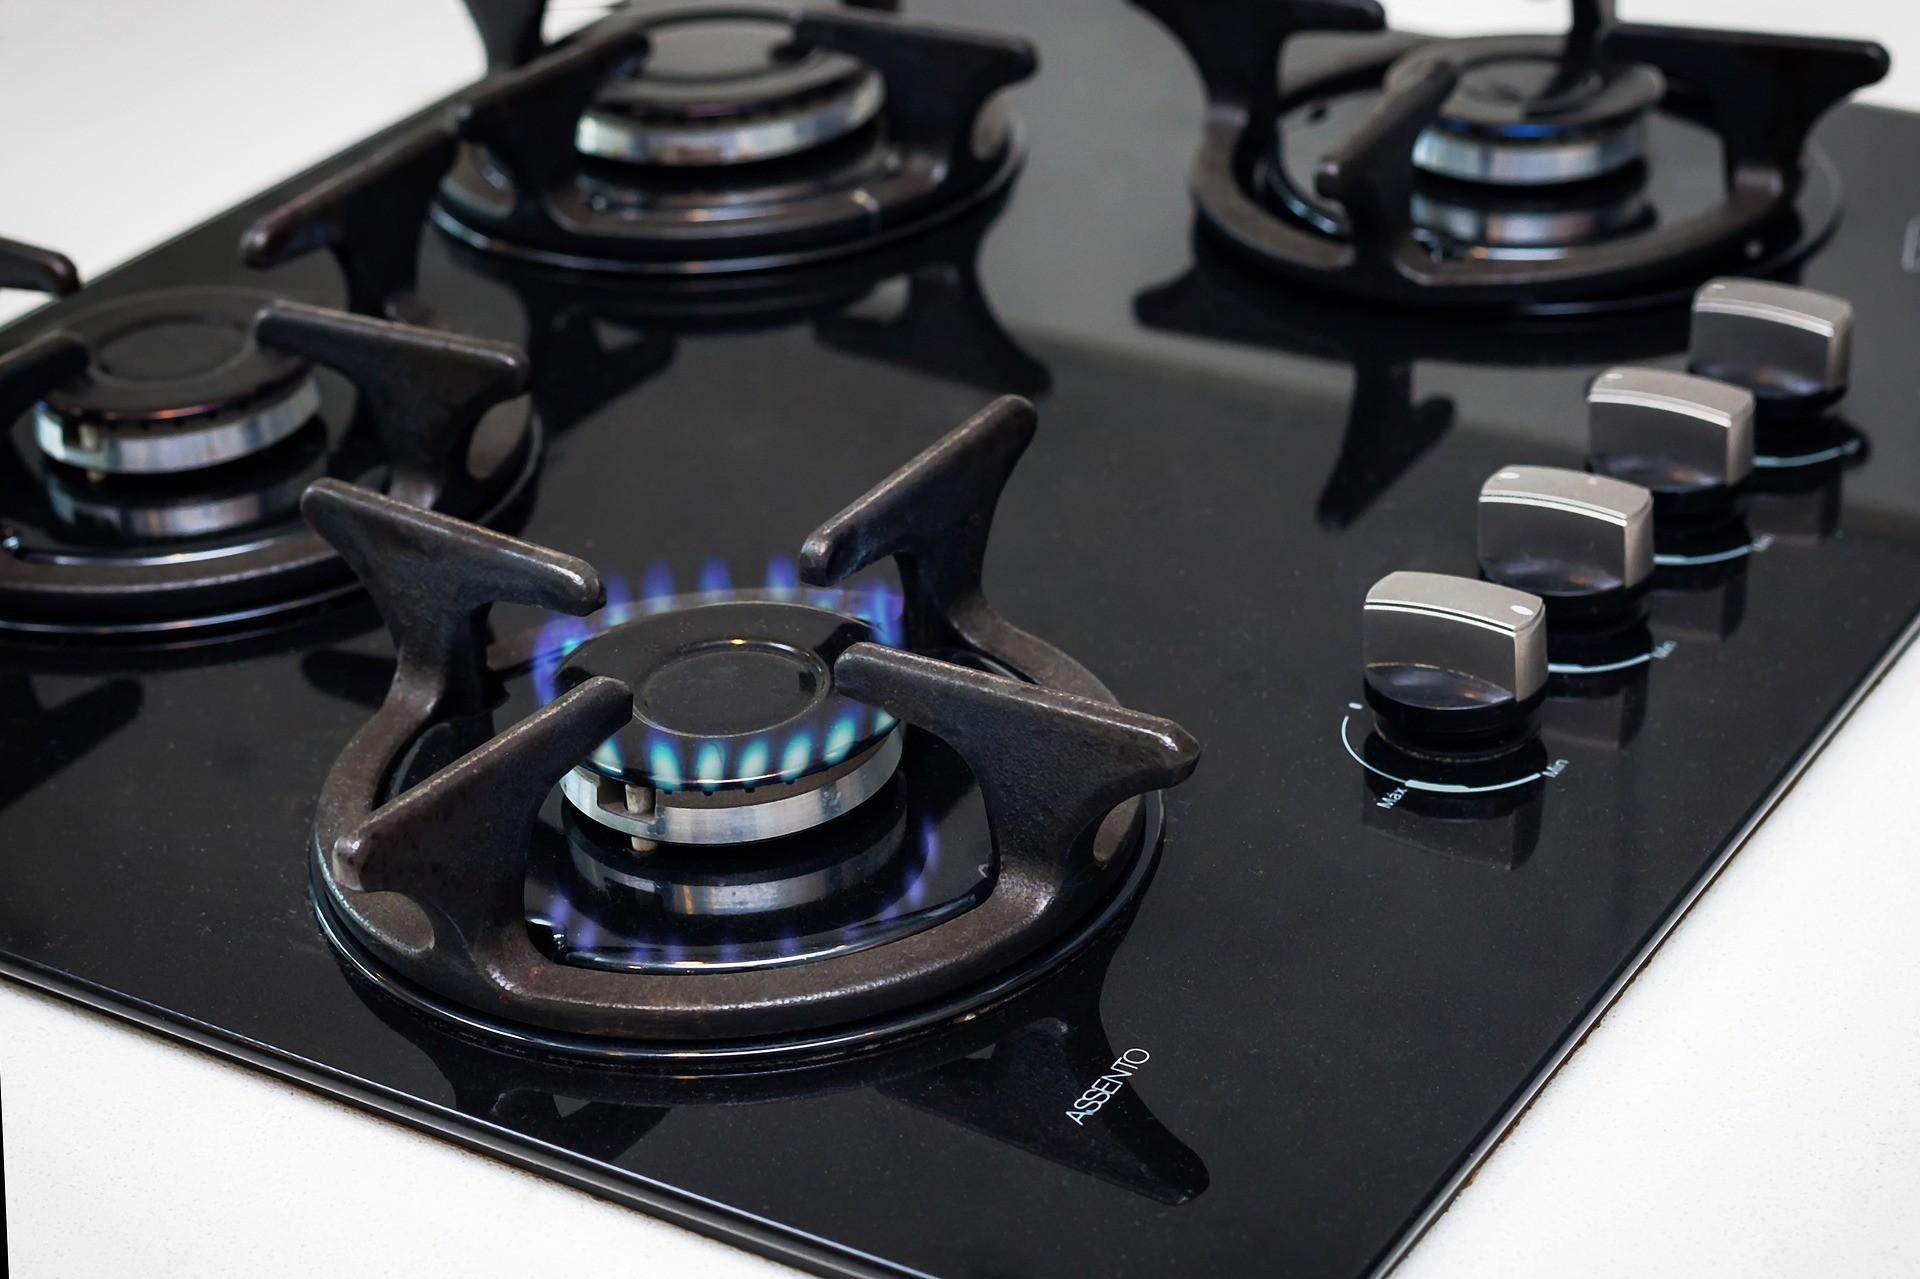 Согласование перепланировки с газовой плитой: что нужно знать?